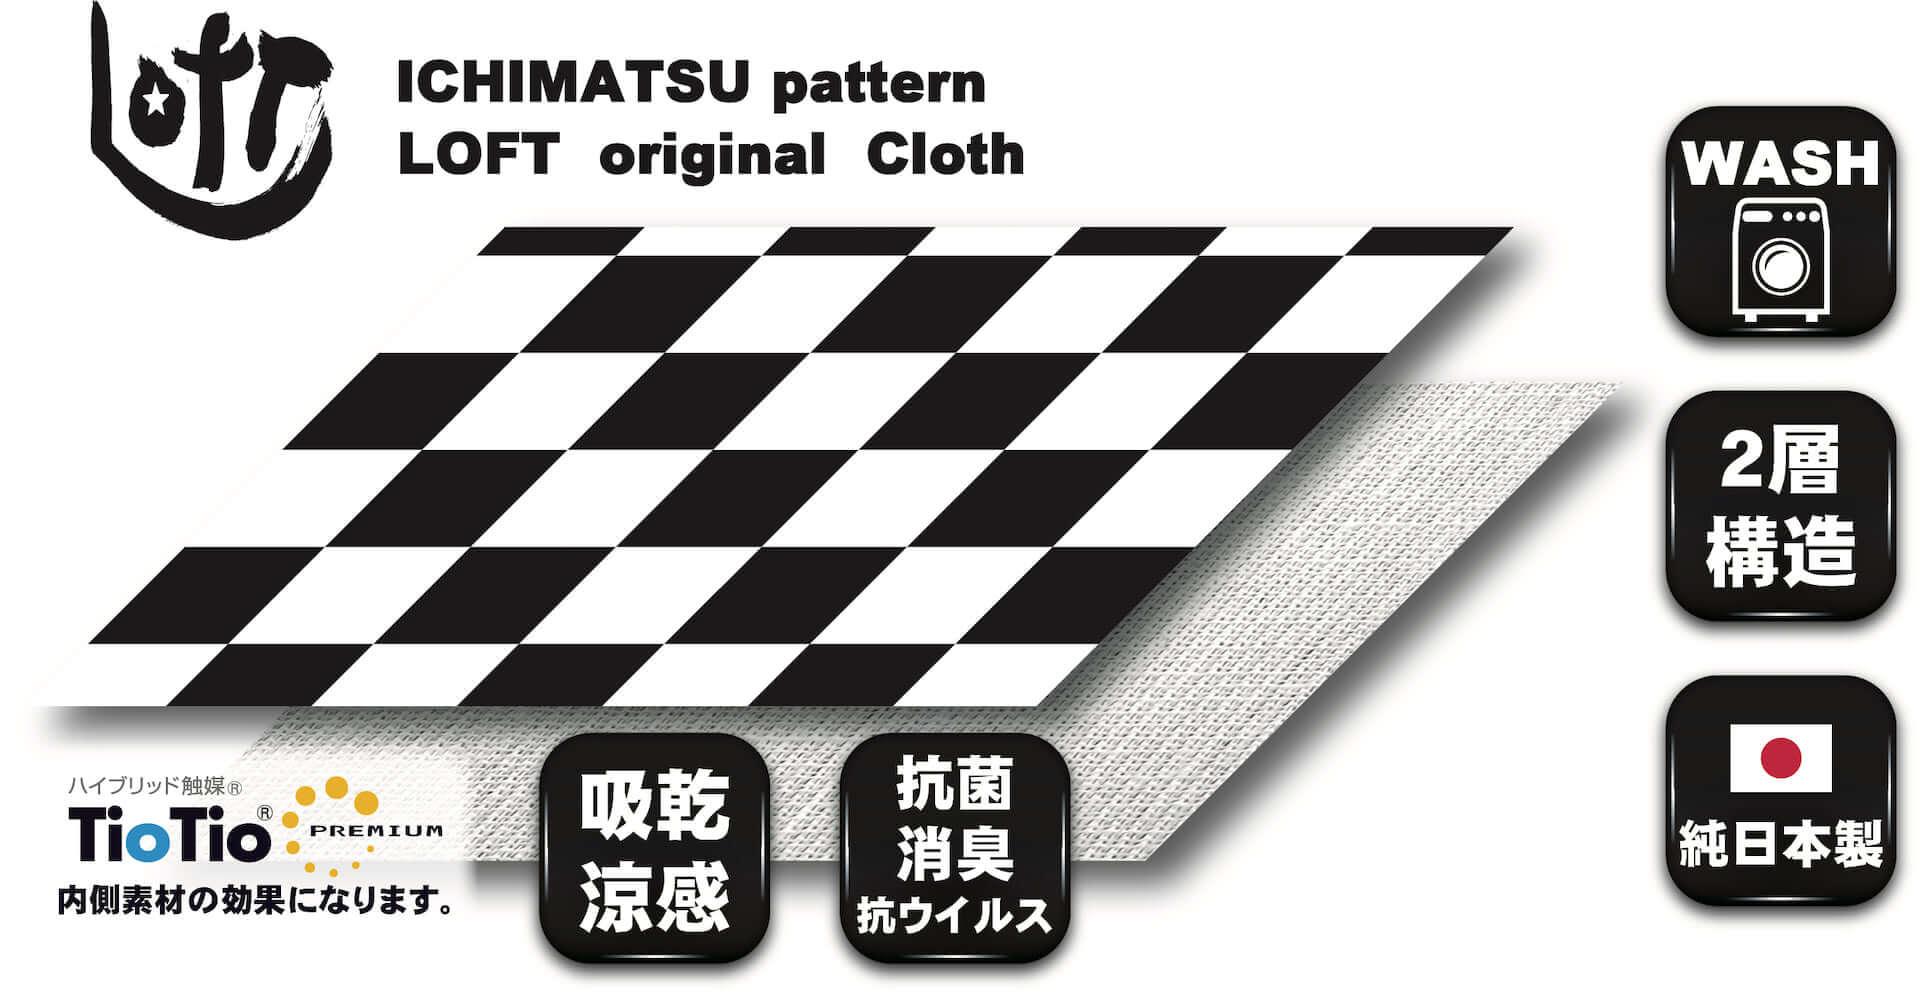 新宿ロフト支援プロジェクト「Forever Shinjuku Loft」でオリジナル布マスクが販売開始!トーク番組のレギュラー放送も決定 art200513_shinjuku_loft_project_2-1920x994